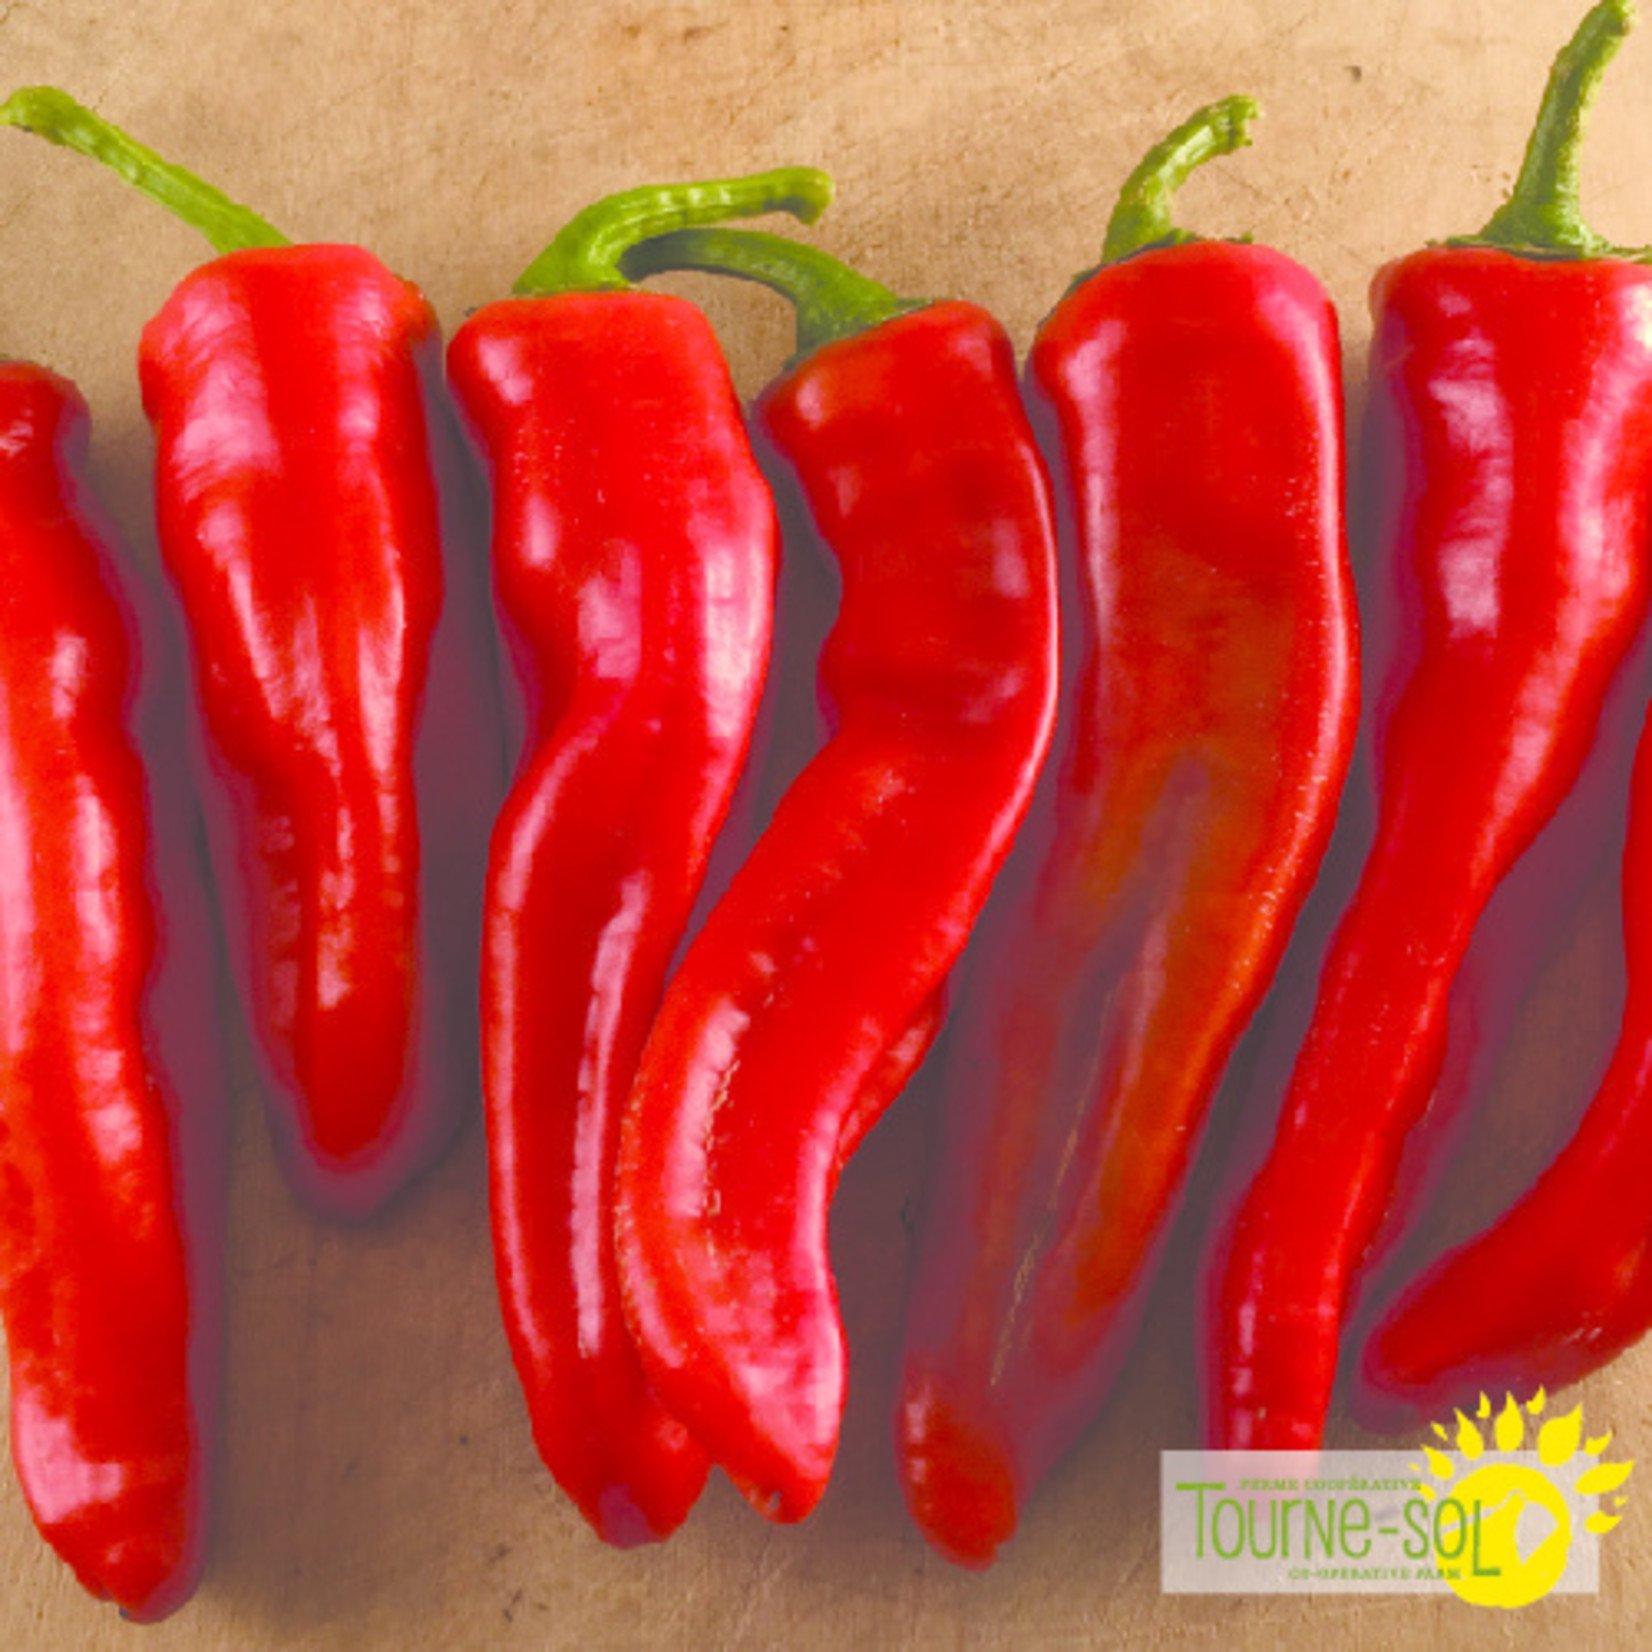 Tourne-Sol Georgia Flame hot pepper